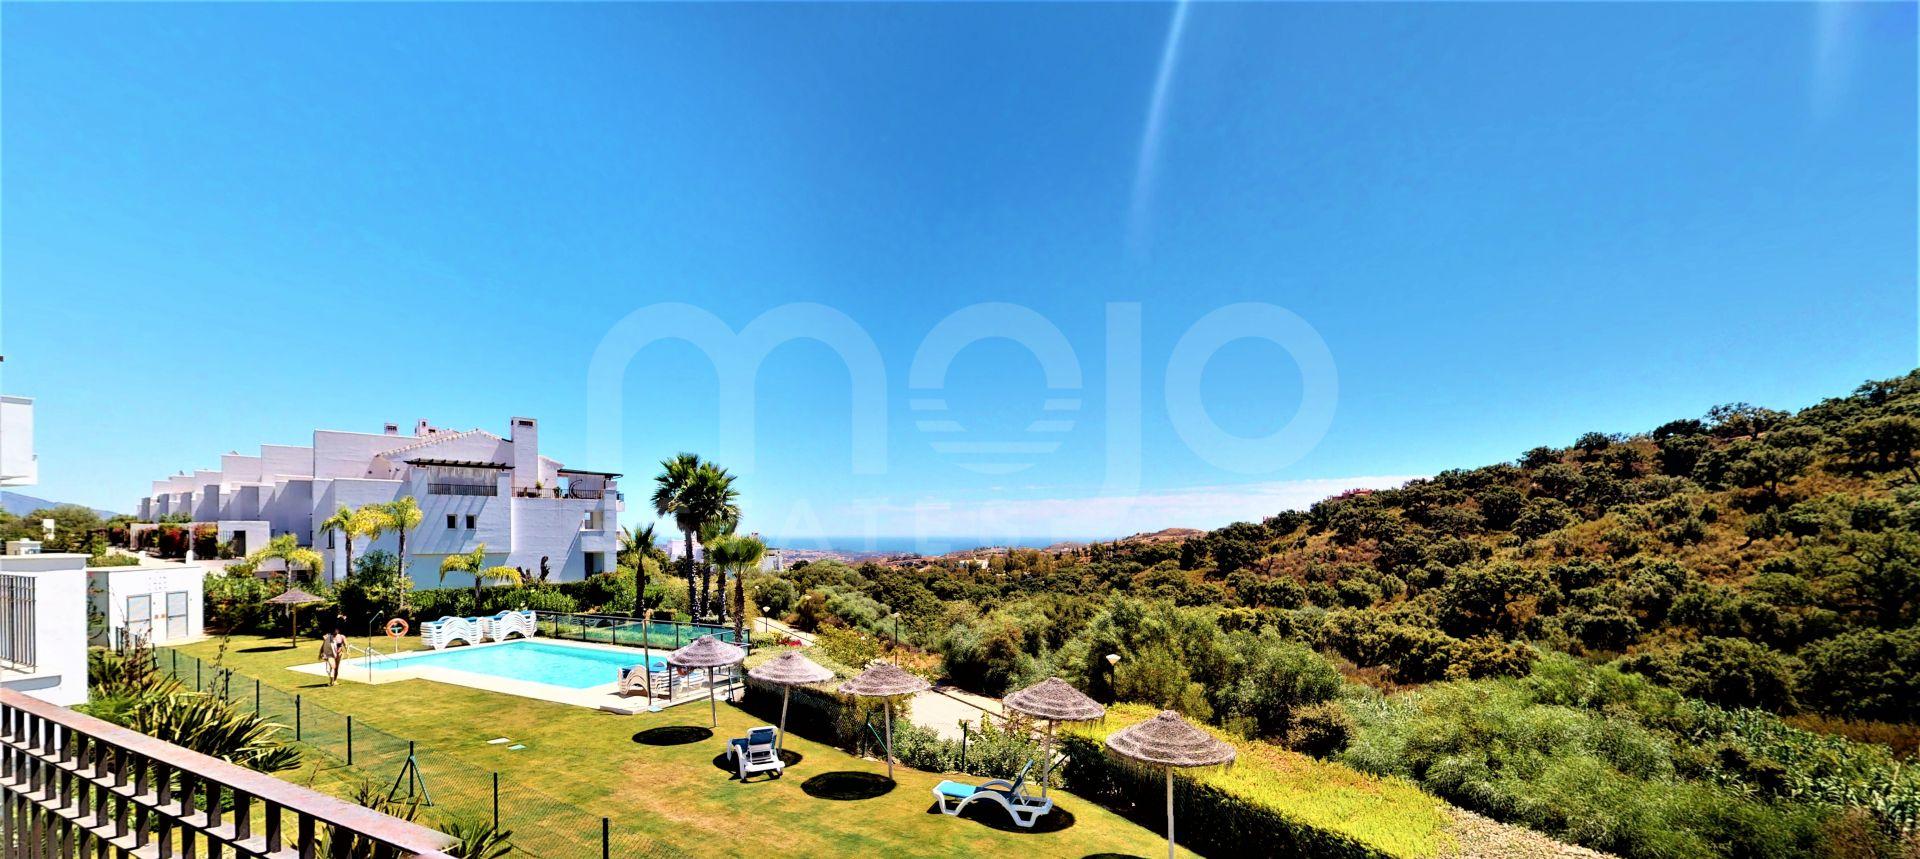 Lägenhet till salu i La Mairena, Marbella Öst